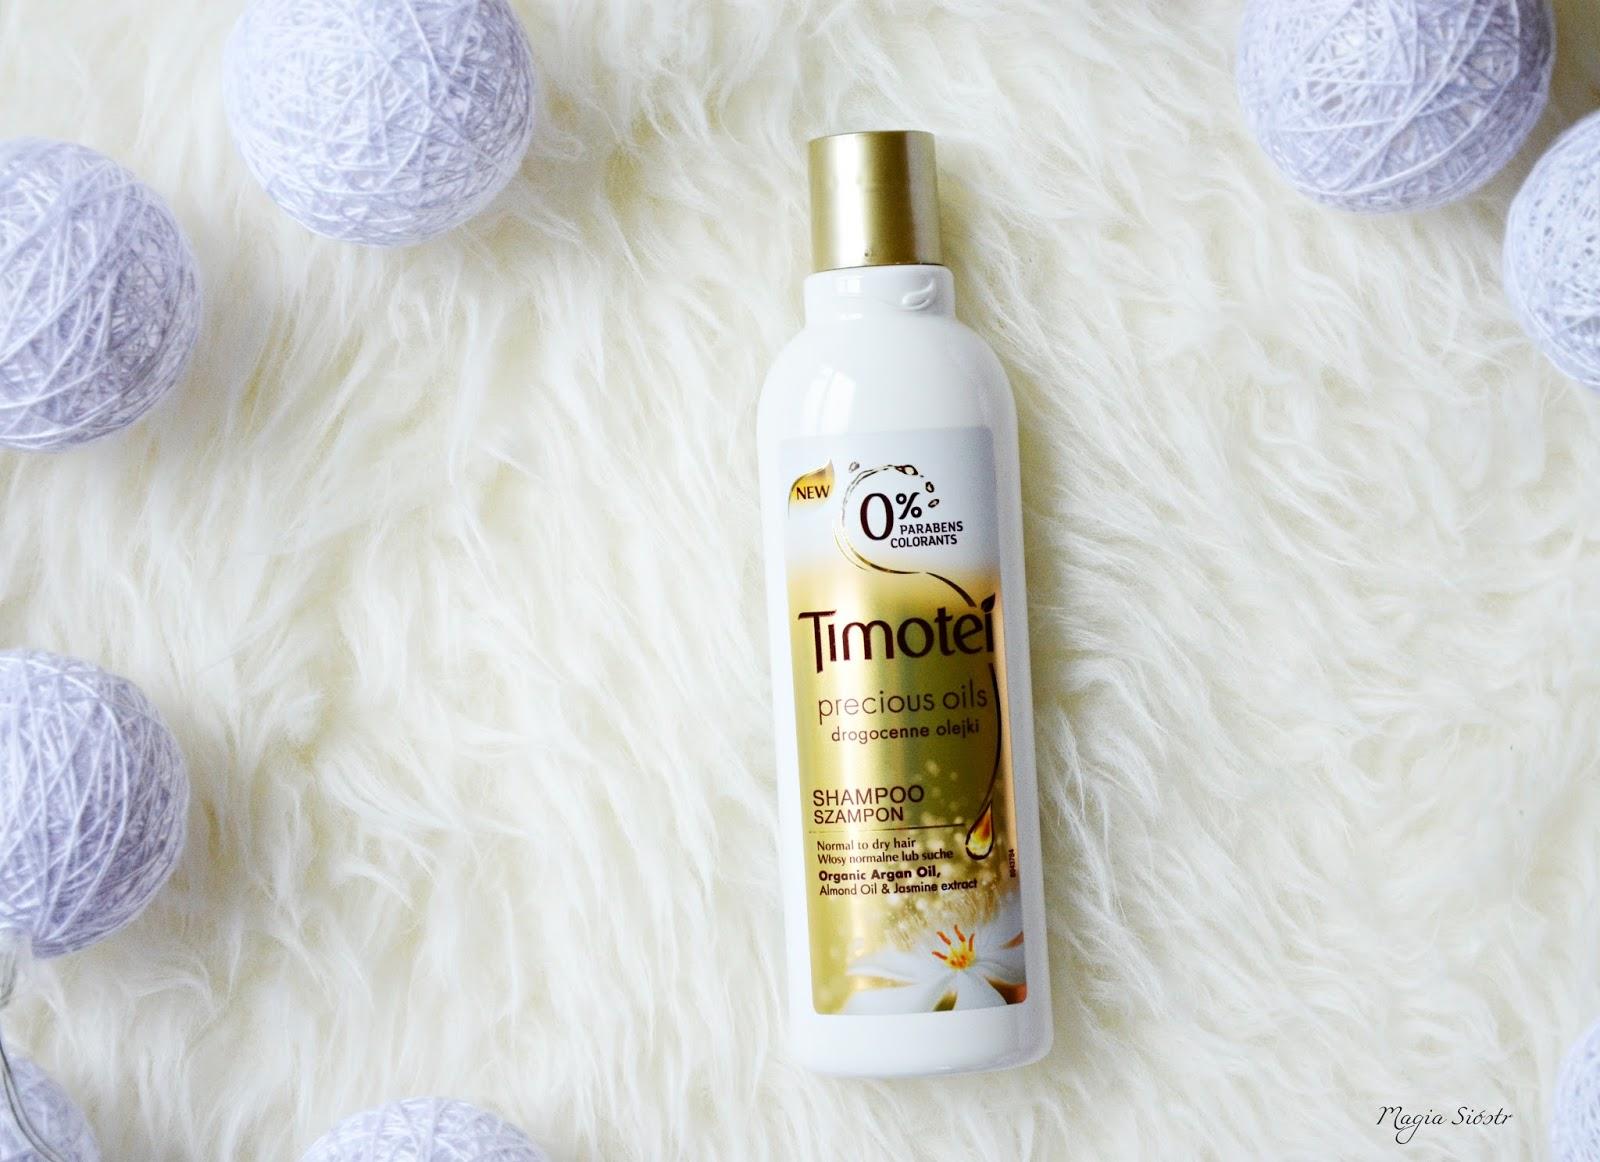 szampon do włosów, kosmetyki Timotei, pielęgnacja włosów, włosy suche, włosy normalne